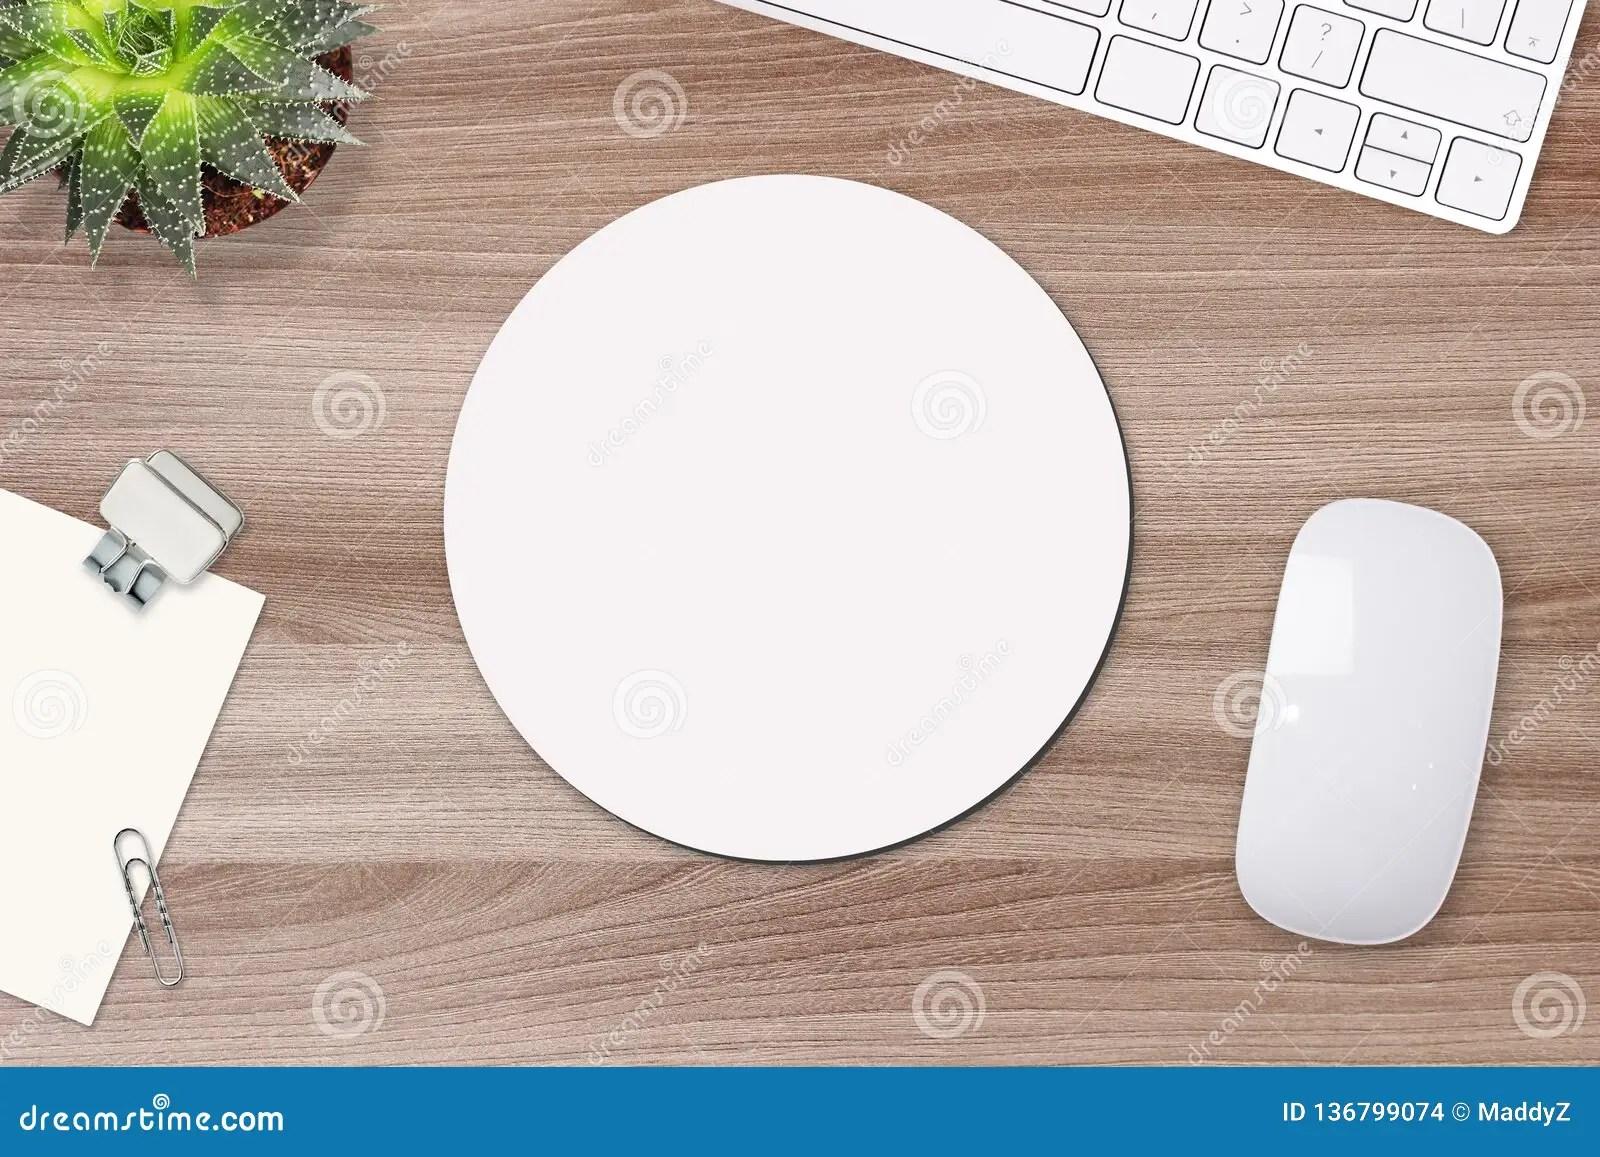 https fr dreamstime com maquette tapis souris blanc rond table les appui verticaux clavier image136799074